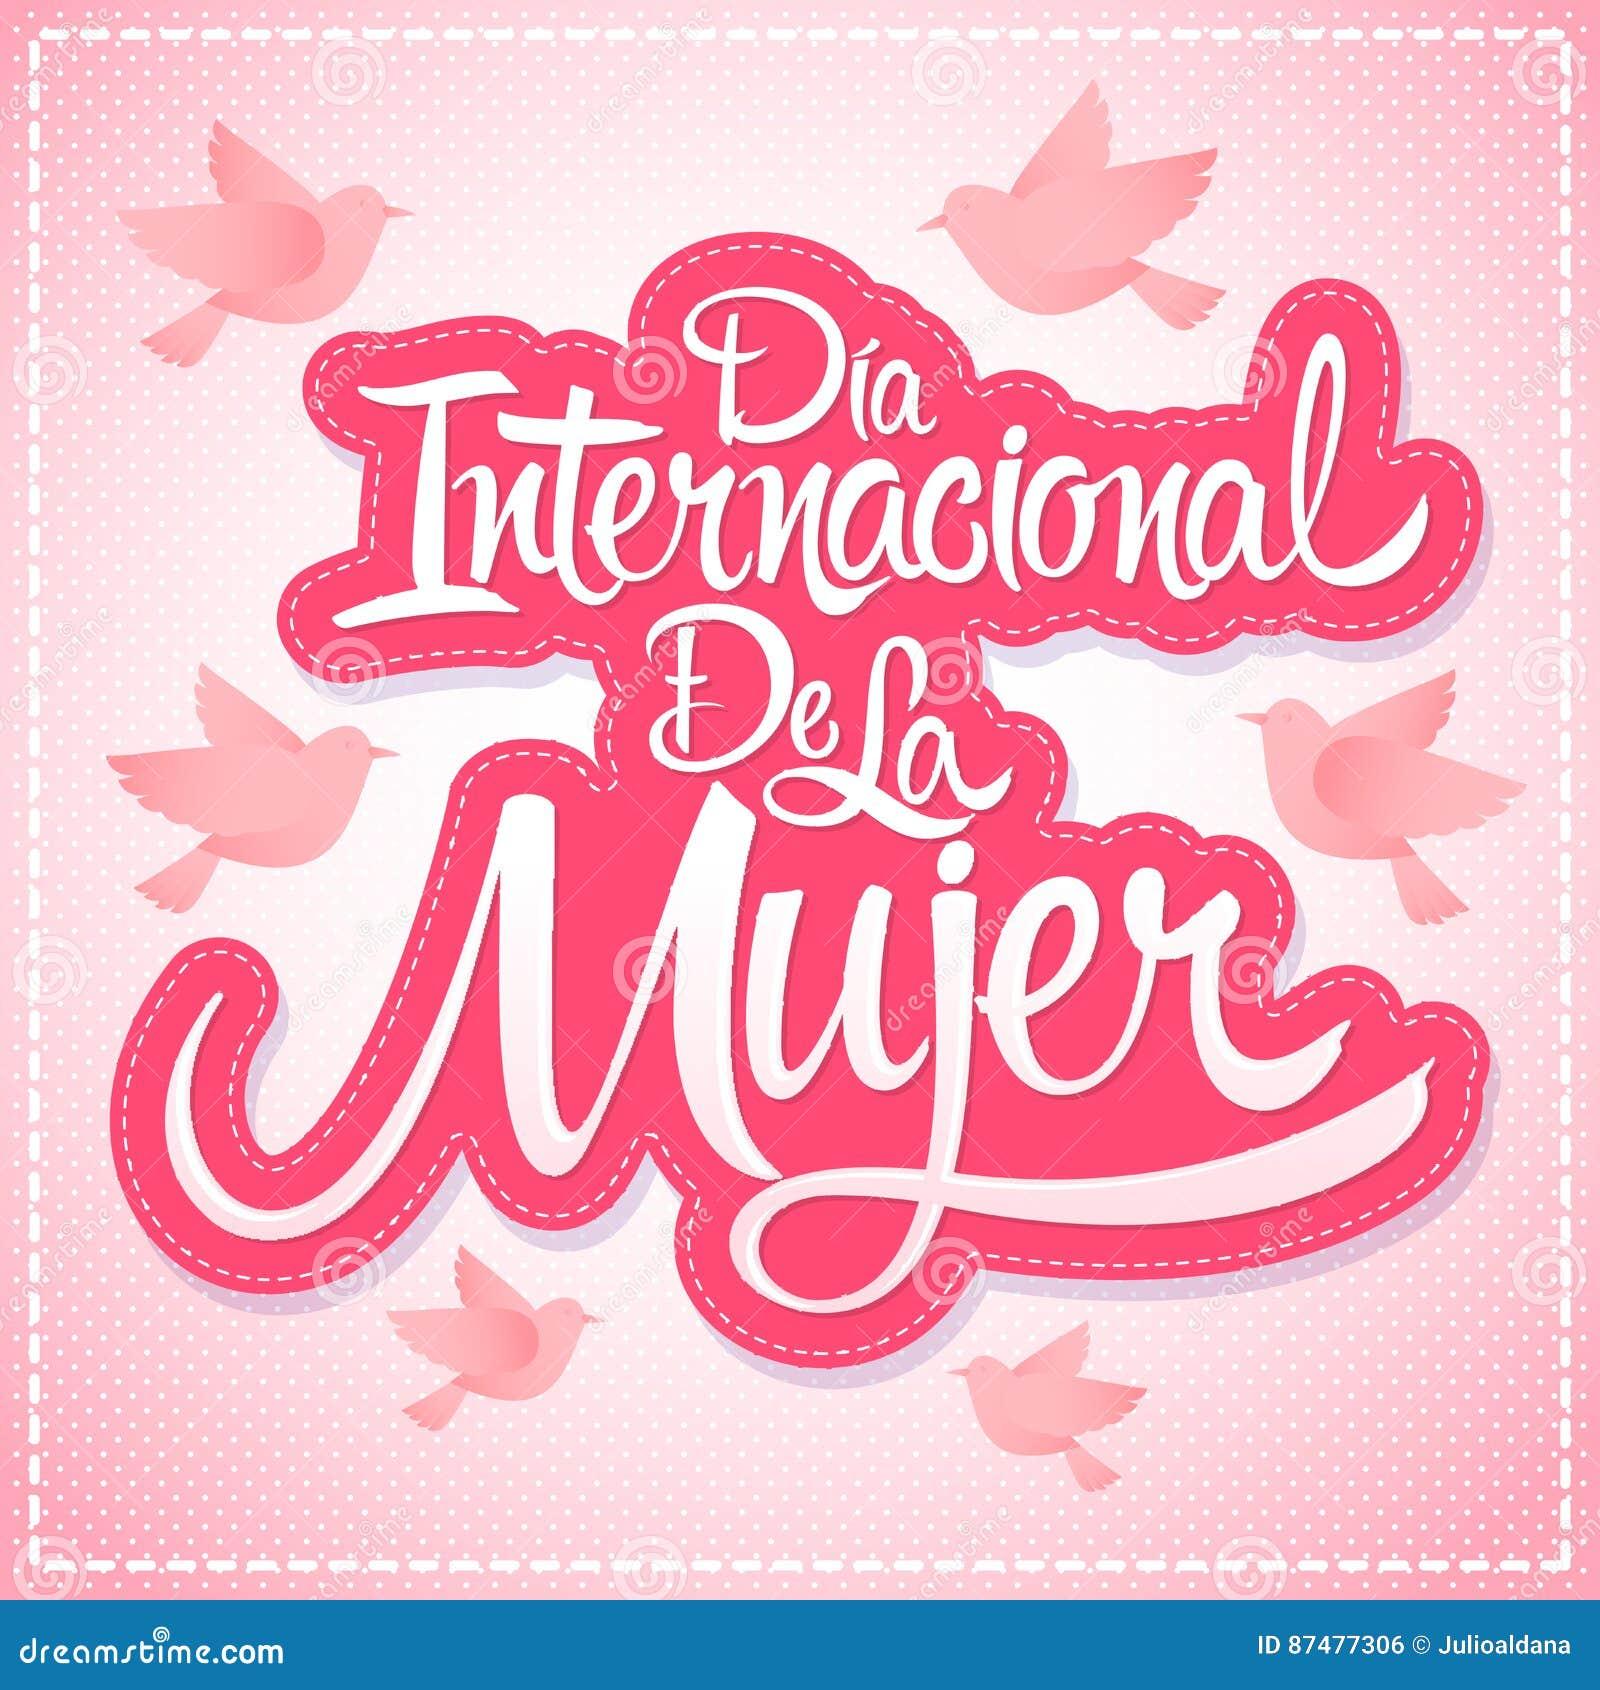 Internacional de Ла Mujer Dia, испанский перевод: Международный женский день